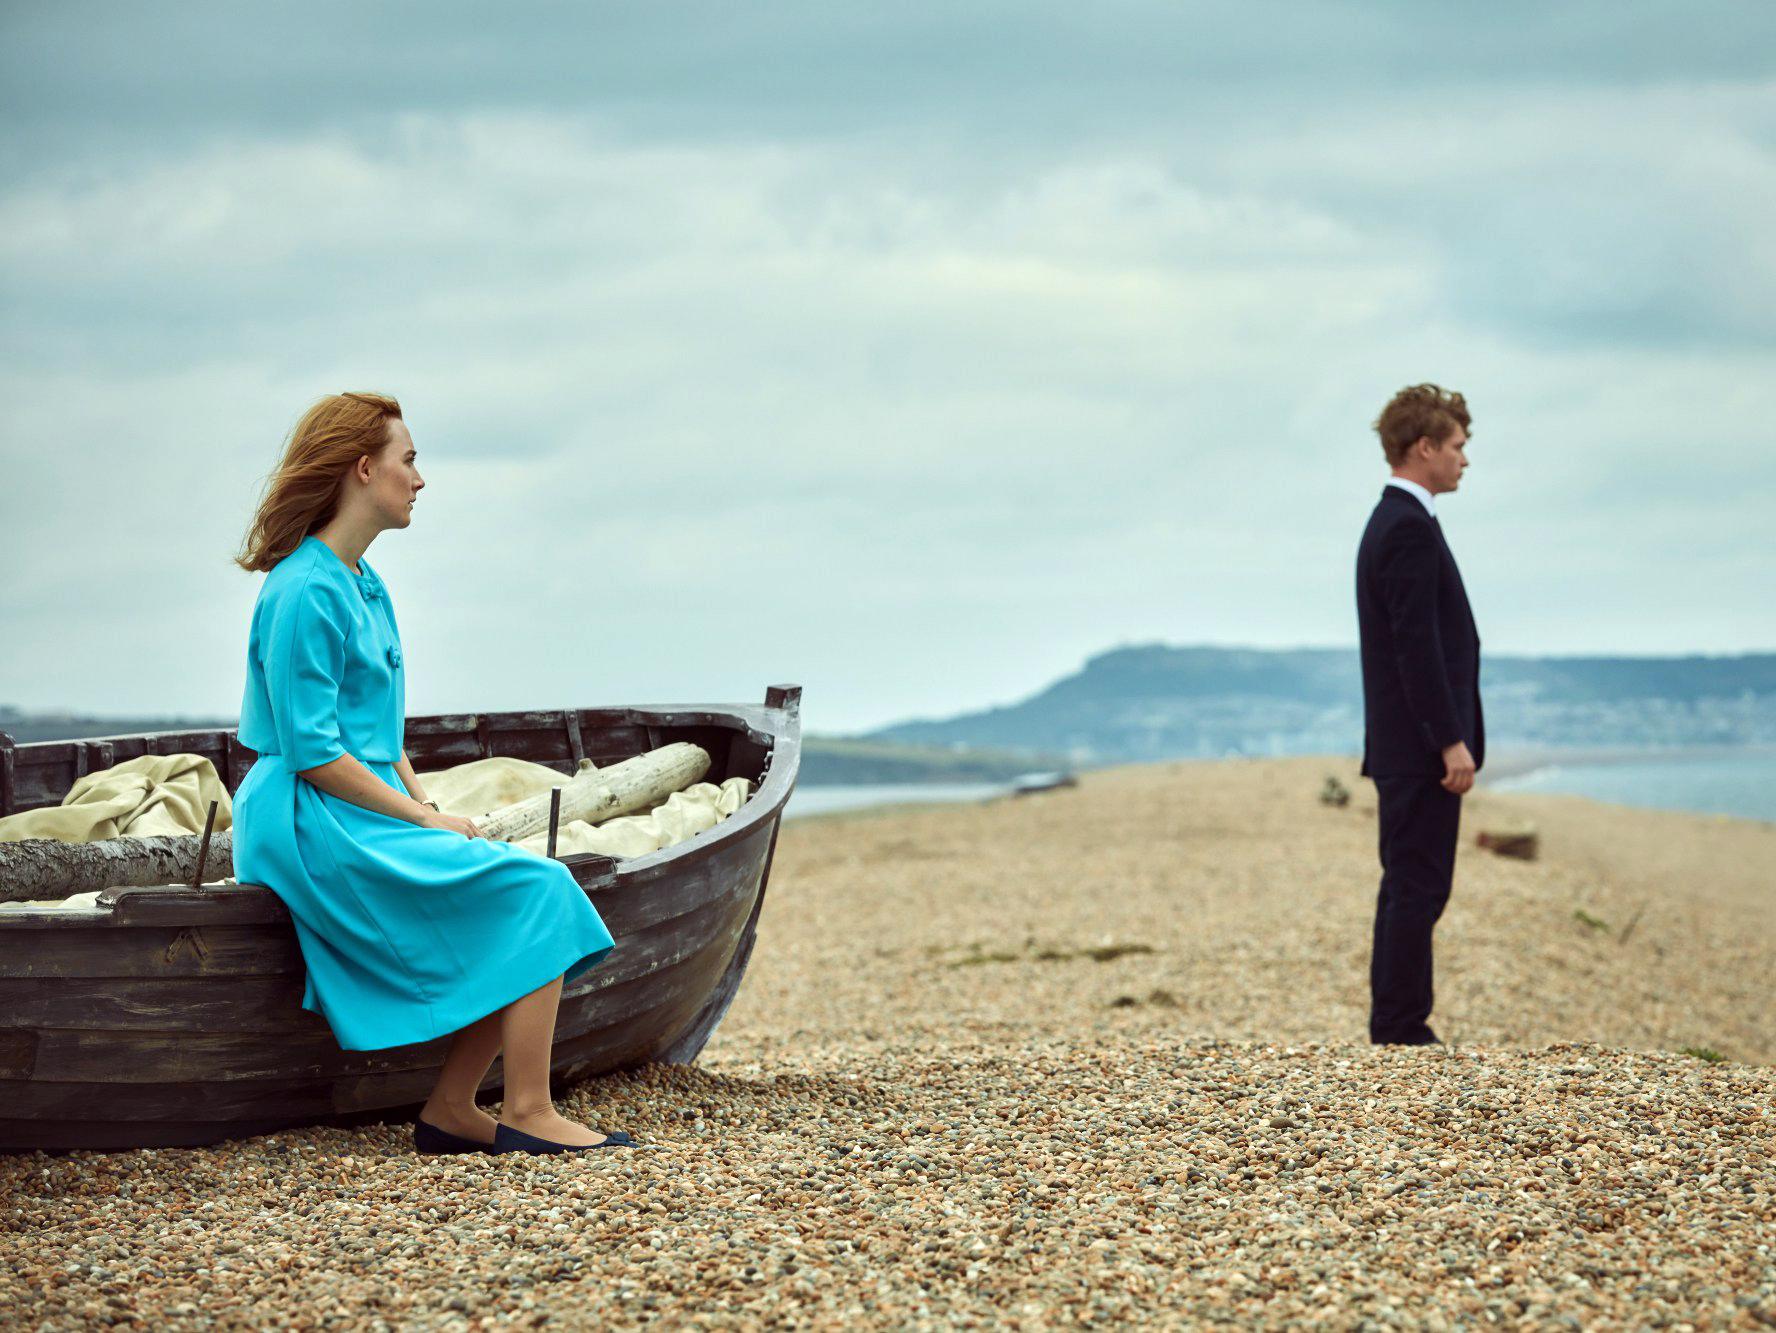 Saoirse Ronan mostra nova atuação arrebatadora em trailer da adaptação do best-seller Na Praia